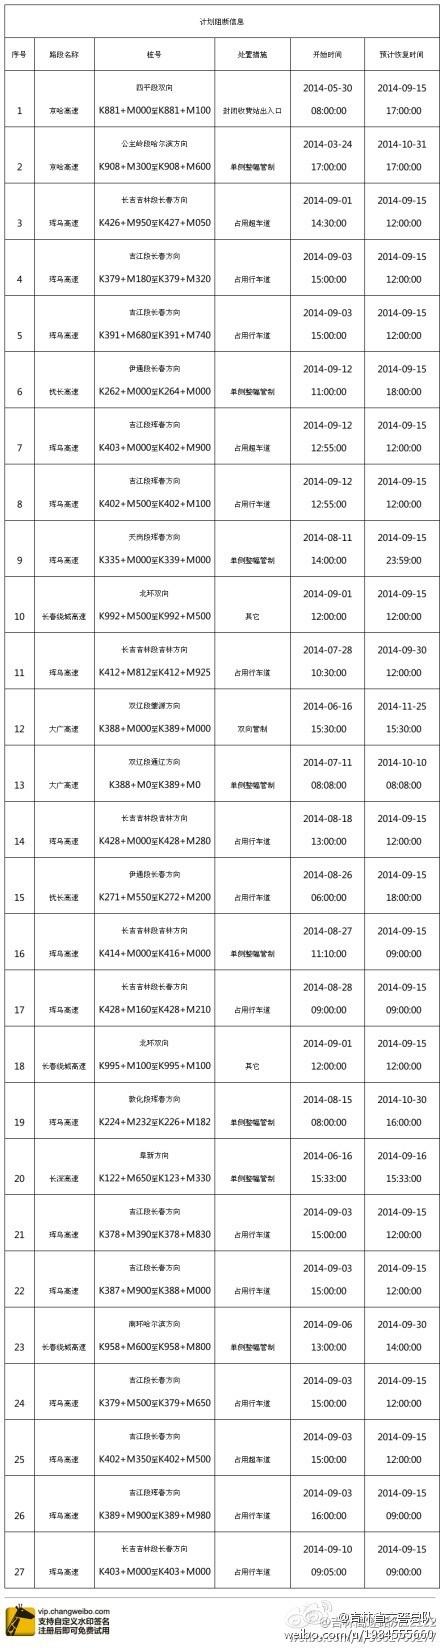 吉林省高速公路计划性阻断信息